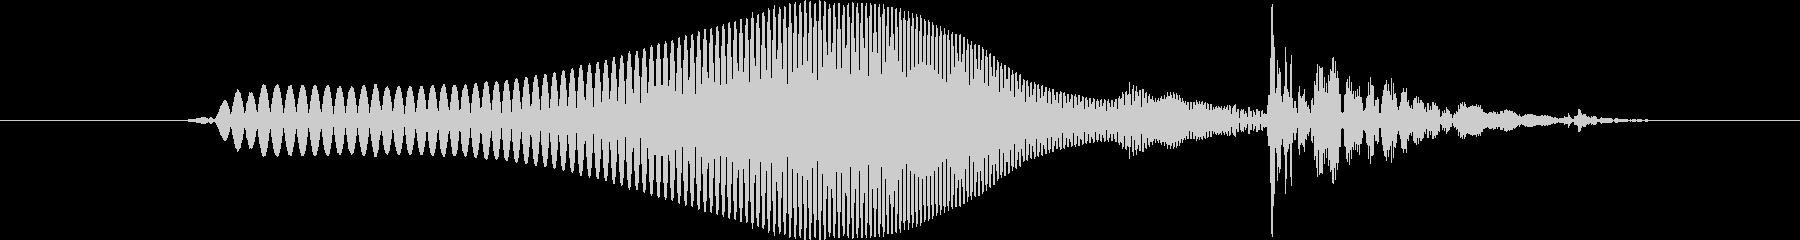 シングルウォーターバブルドロップ、...の未再生の波形